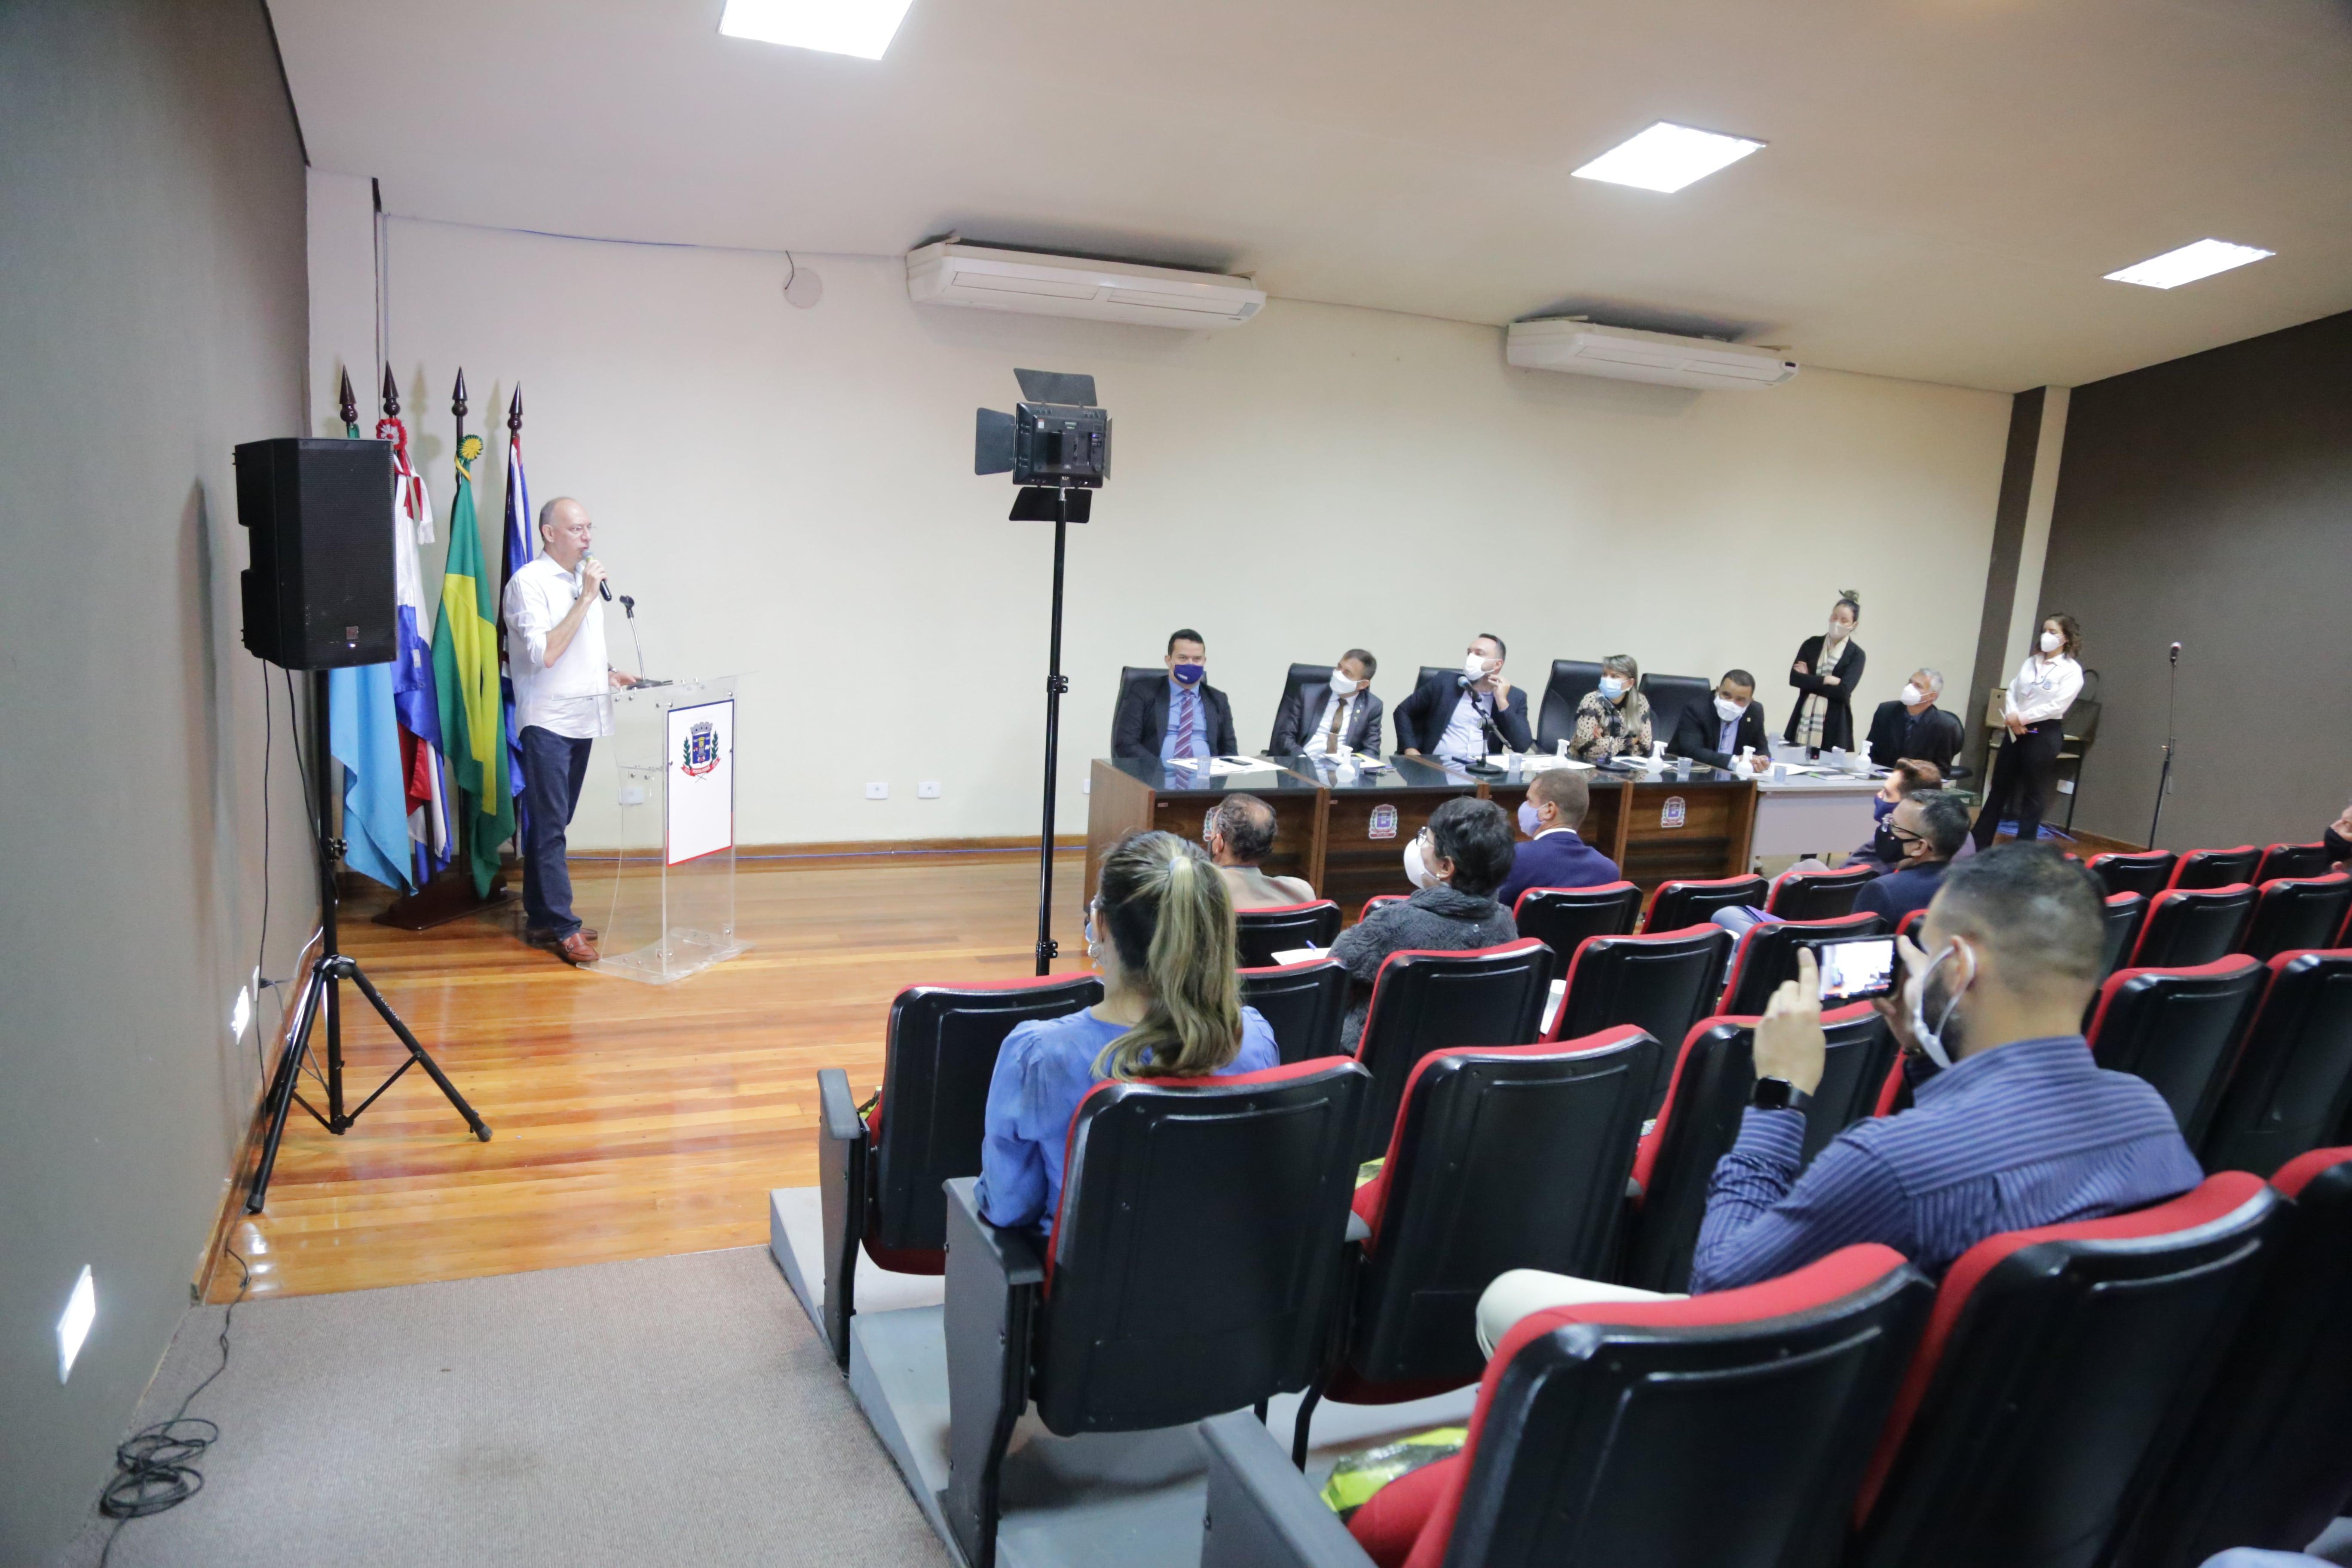 Prefeito agradece apoio dos vereadores na viabilização de R$ 40 milhões para obras em Ponta Porã